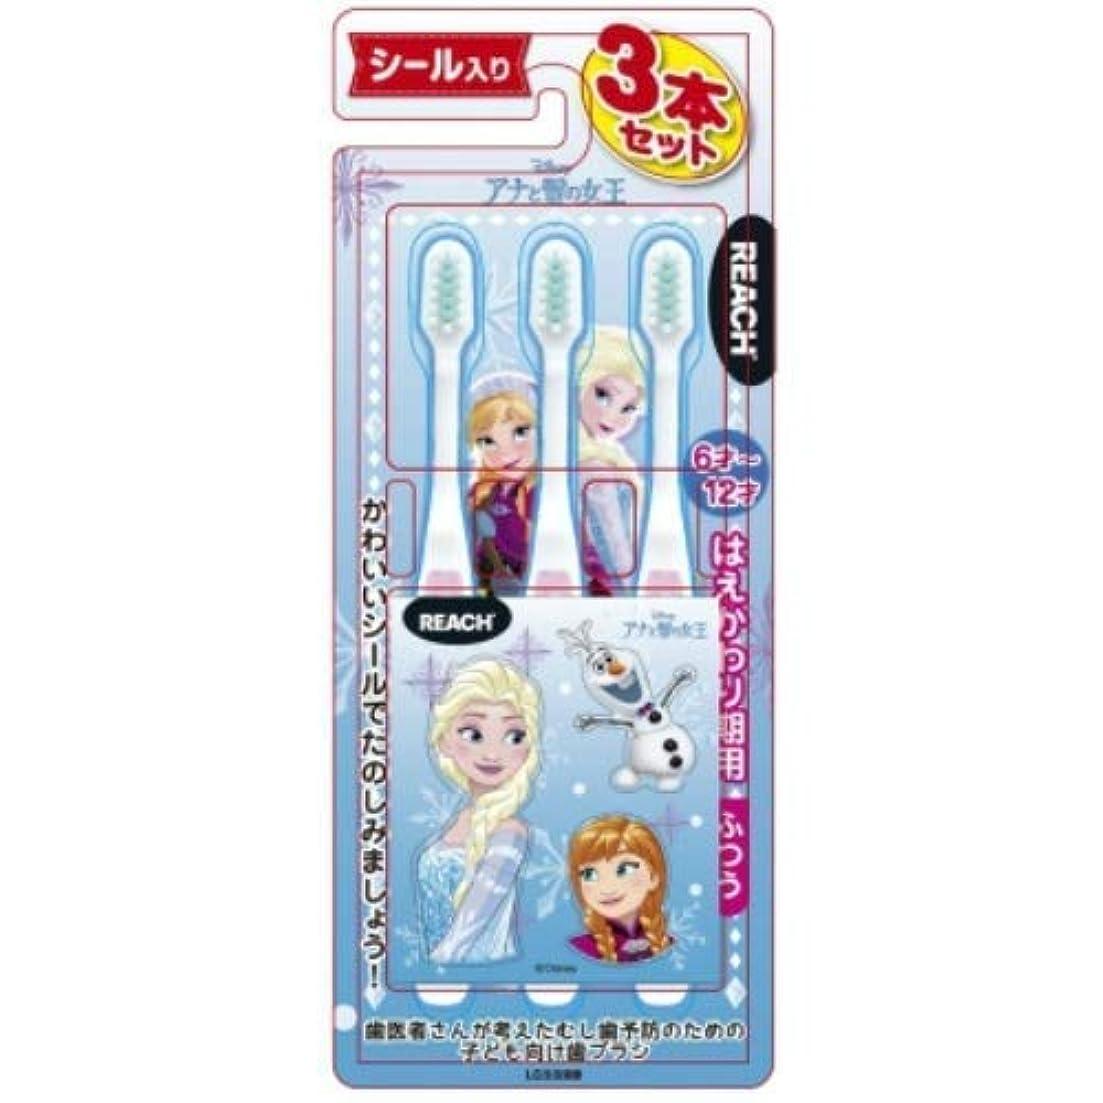 発行ネットニンニクリーチキッズ3本(シール入り) アナ雪 はえかわり期用 × 7個セット